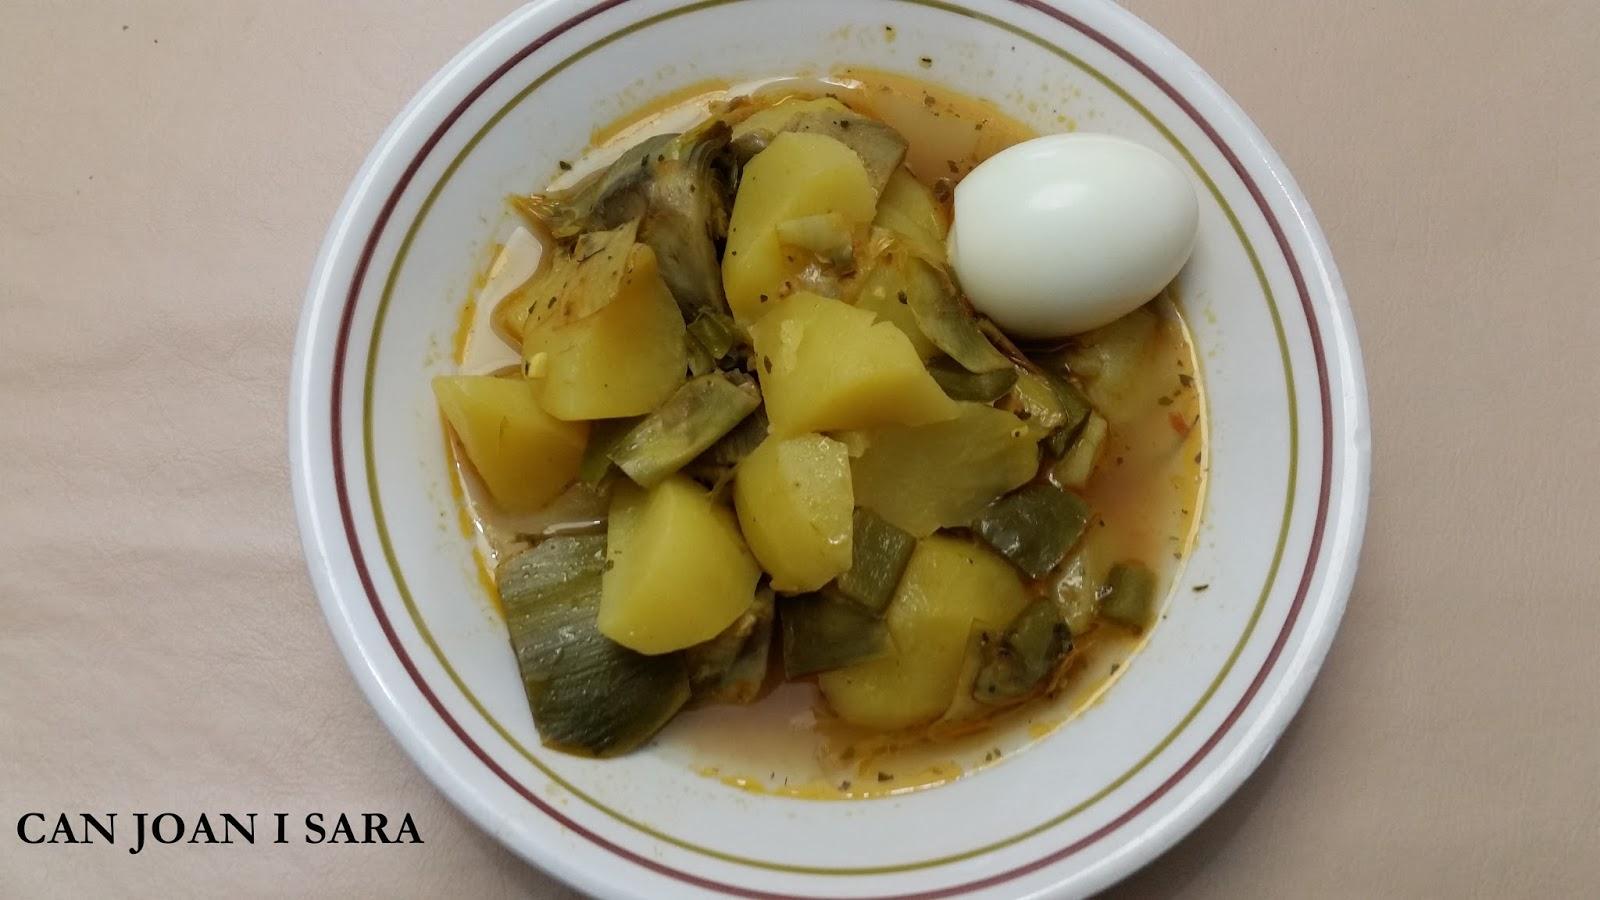 Can joan i sara guiso de patatas y alcachofas con huevo duro - Tiempo para cocer patatas ...